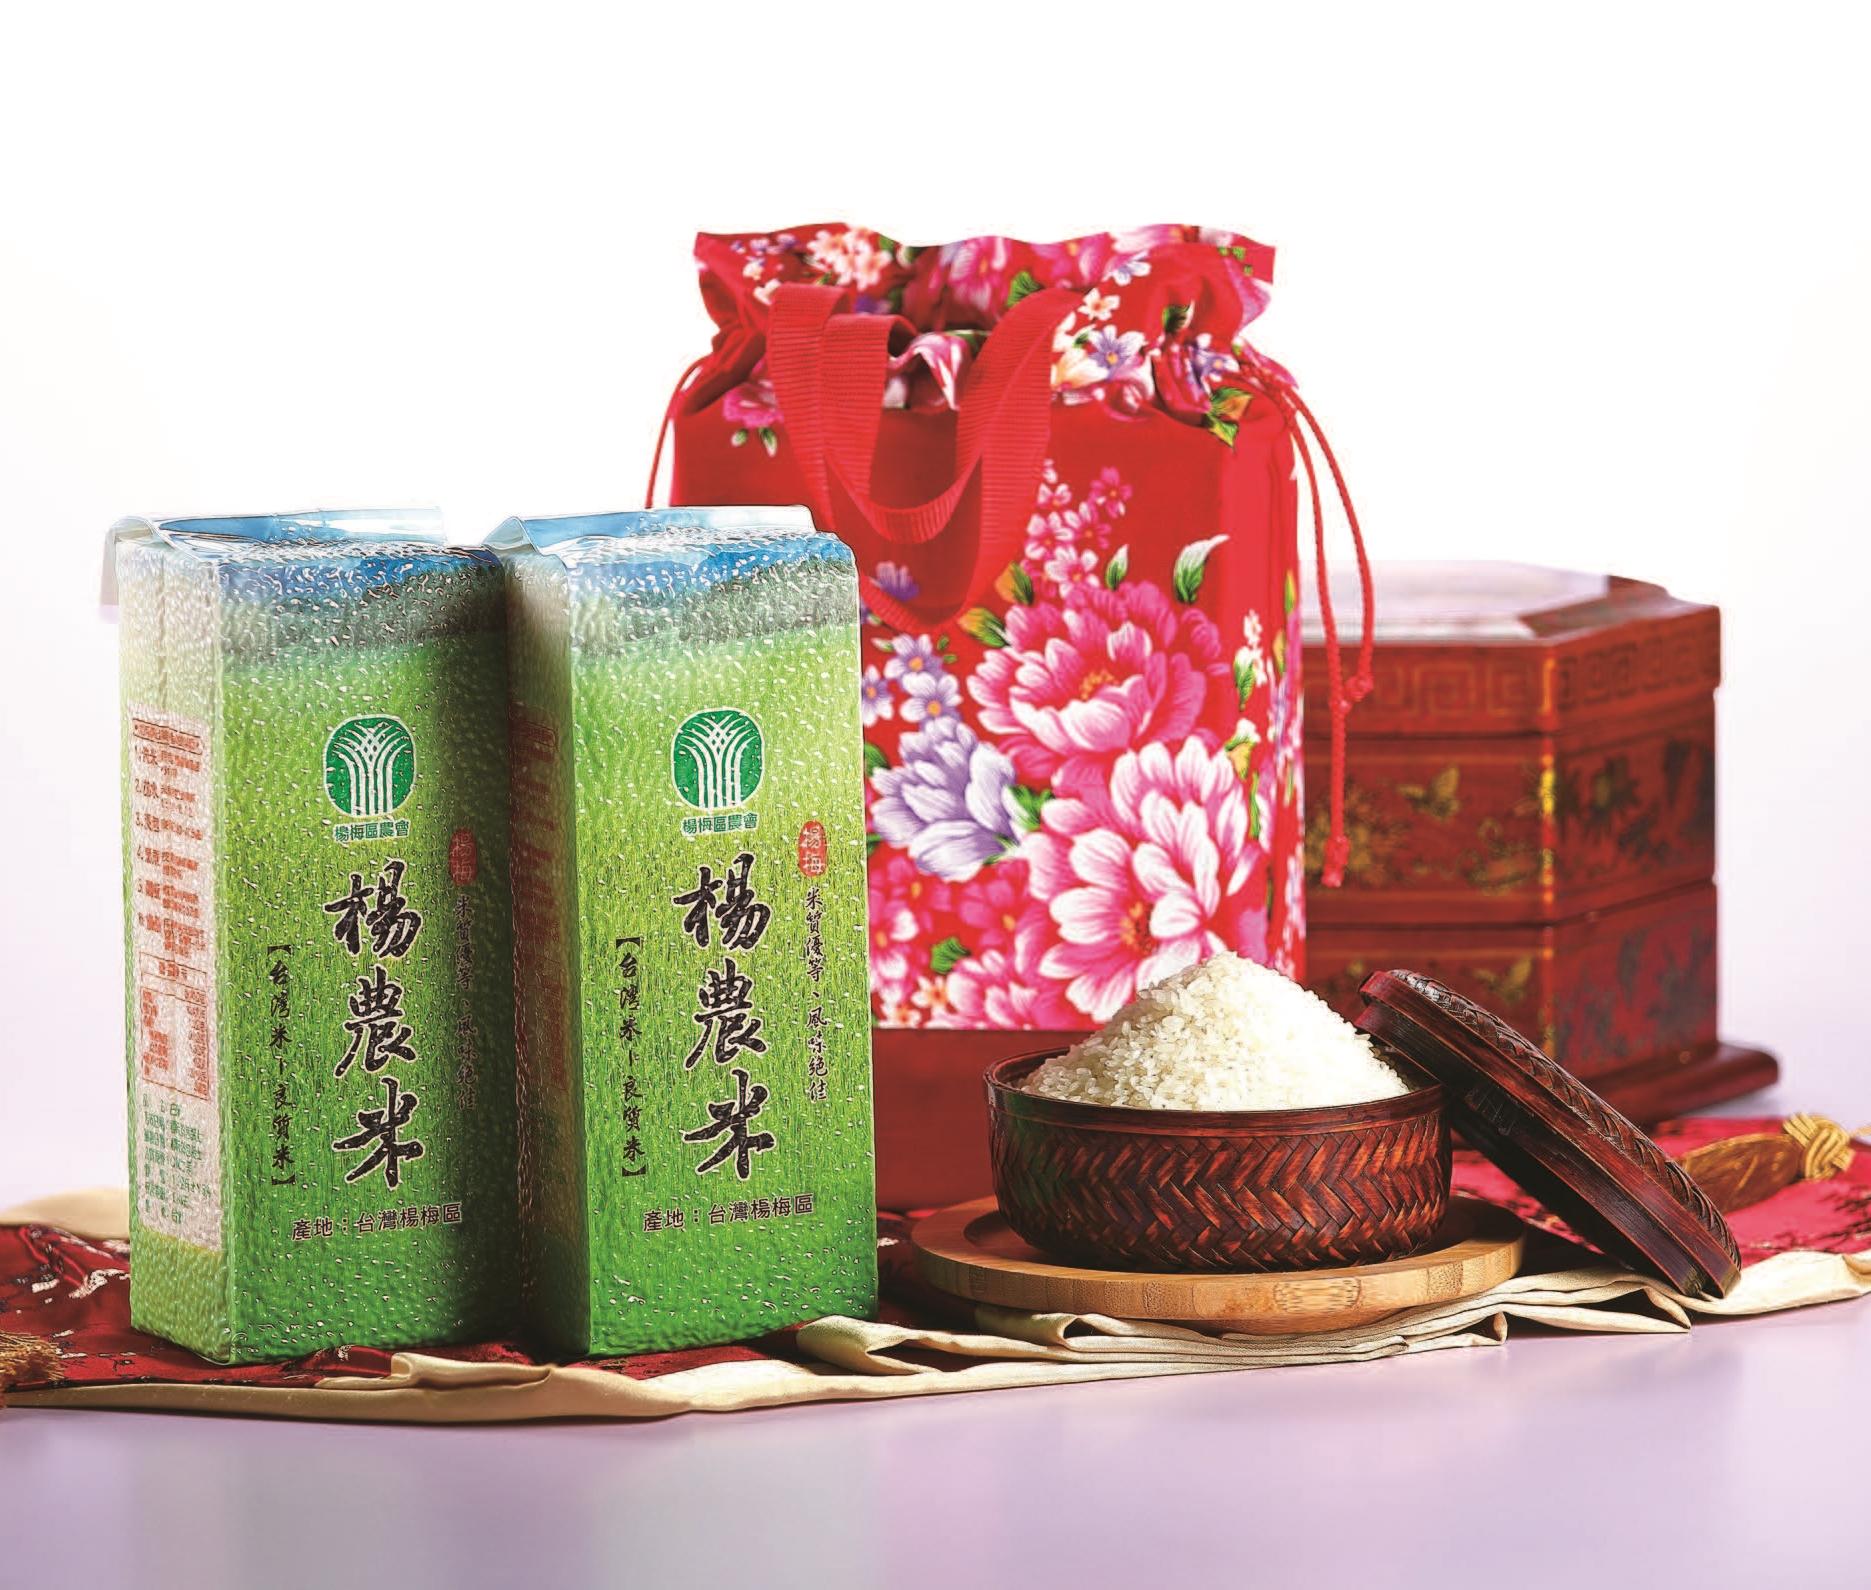 楊梅區品牌米-楊農米之照片